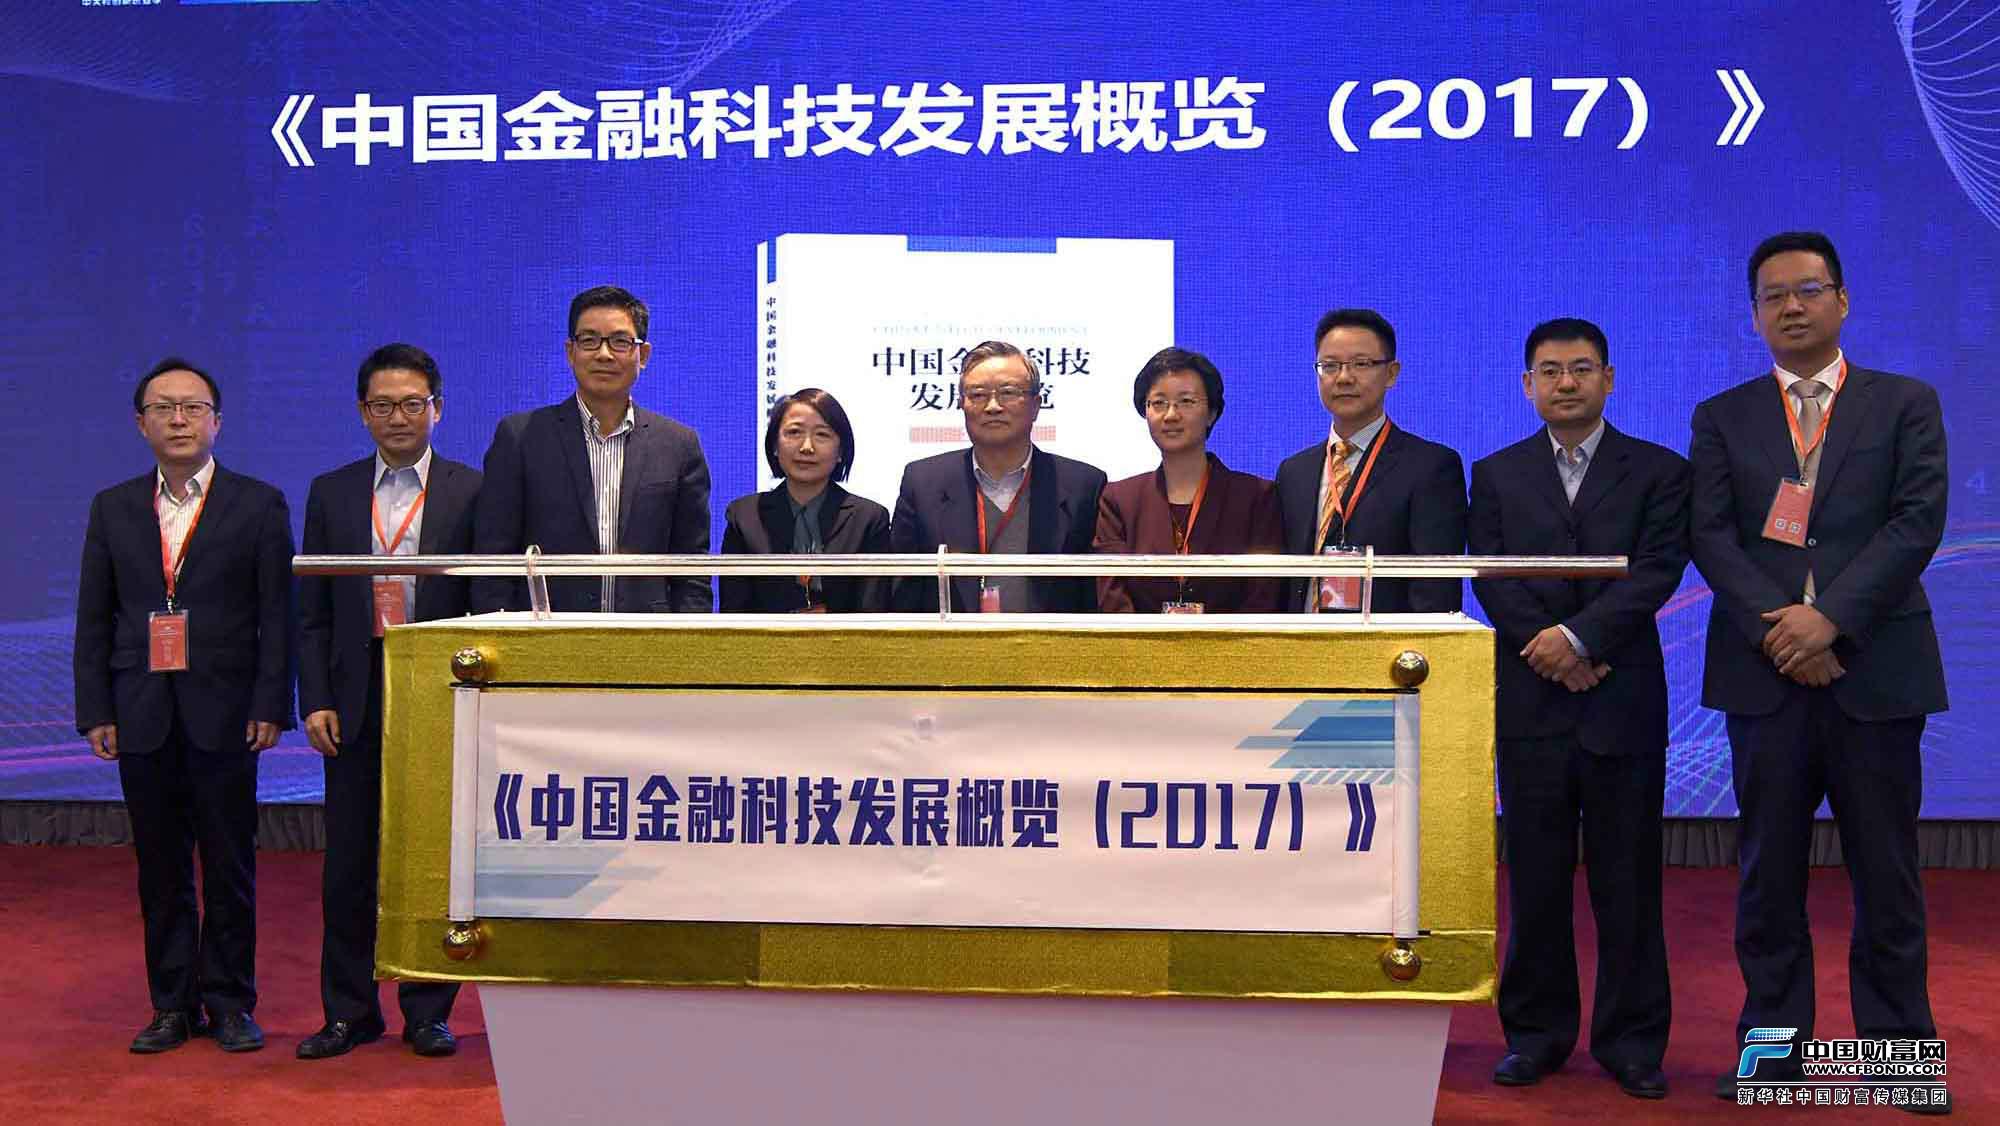 《中国金融科技发展概览(2017)》发布,嘉宾合影留念